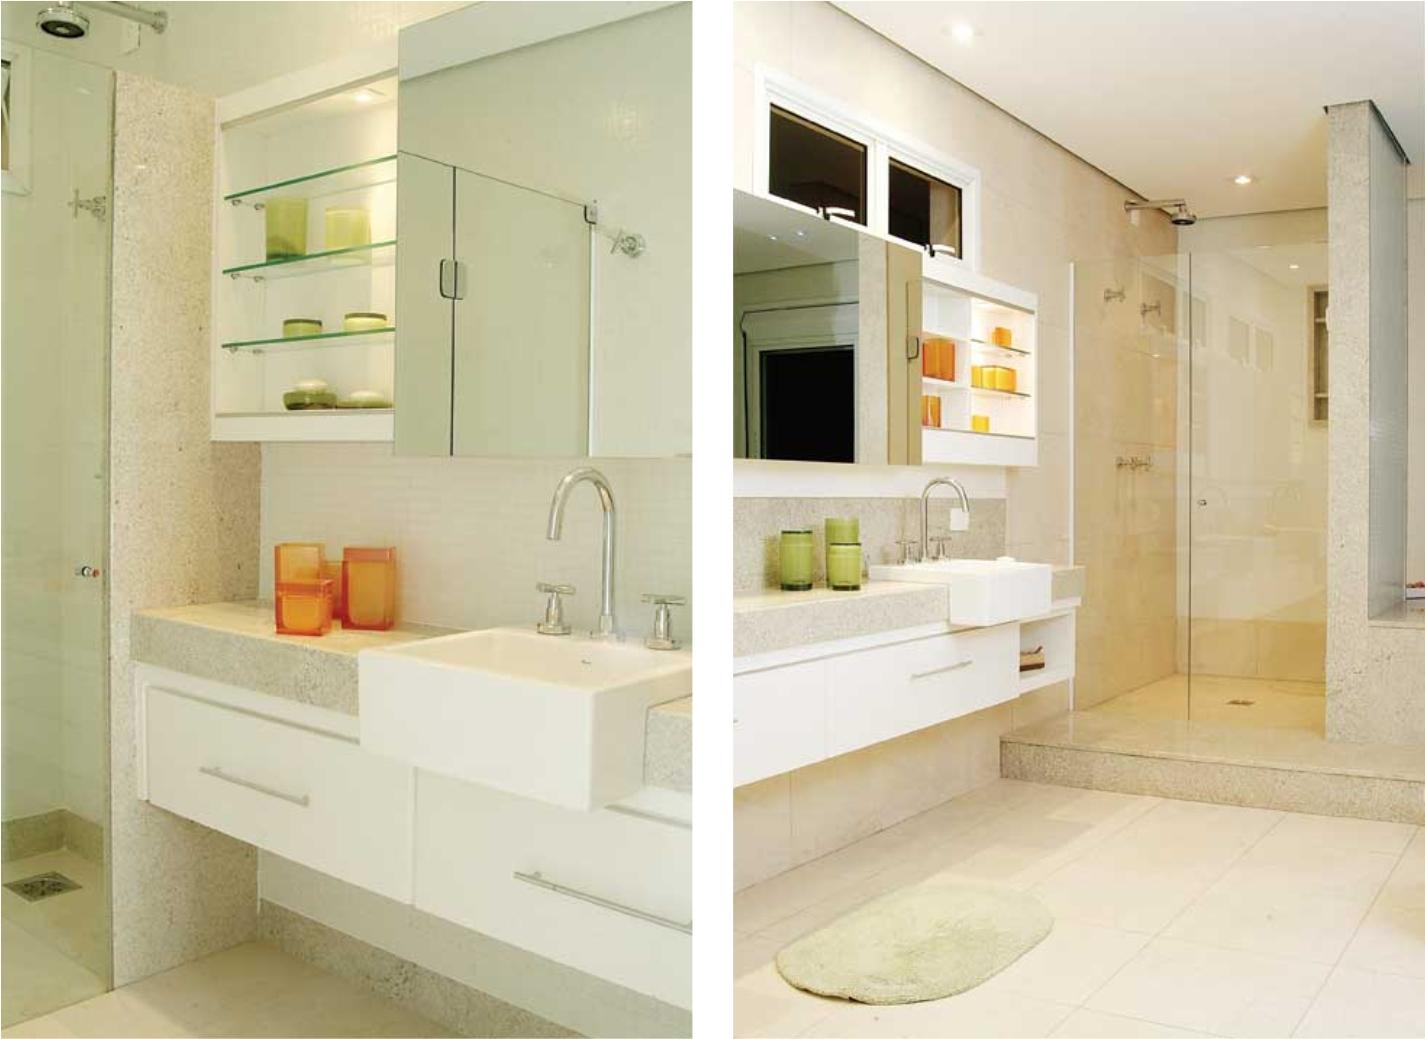 né? Vou colocar aqui uma photo de um banheiro com esse granito #A49027 1425 1039